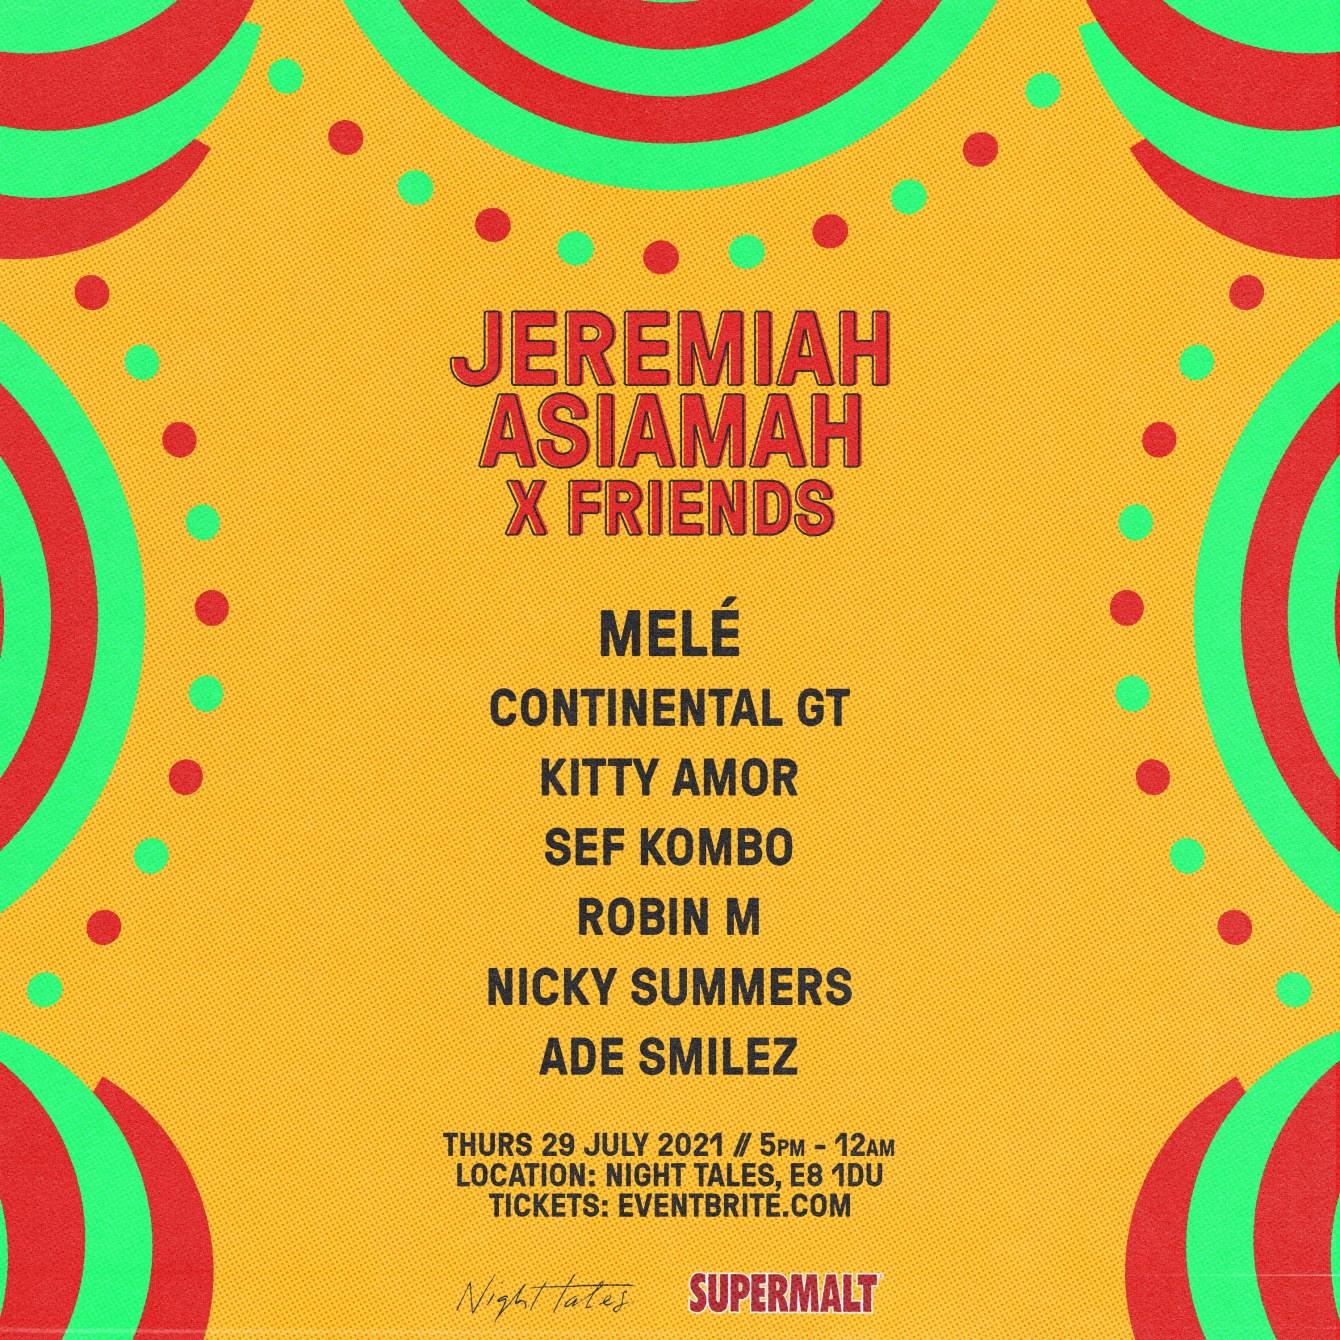 Jeremiah Asiamah X Friends X Supermalt - Flyer front